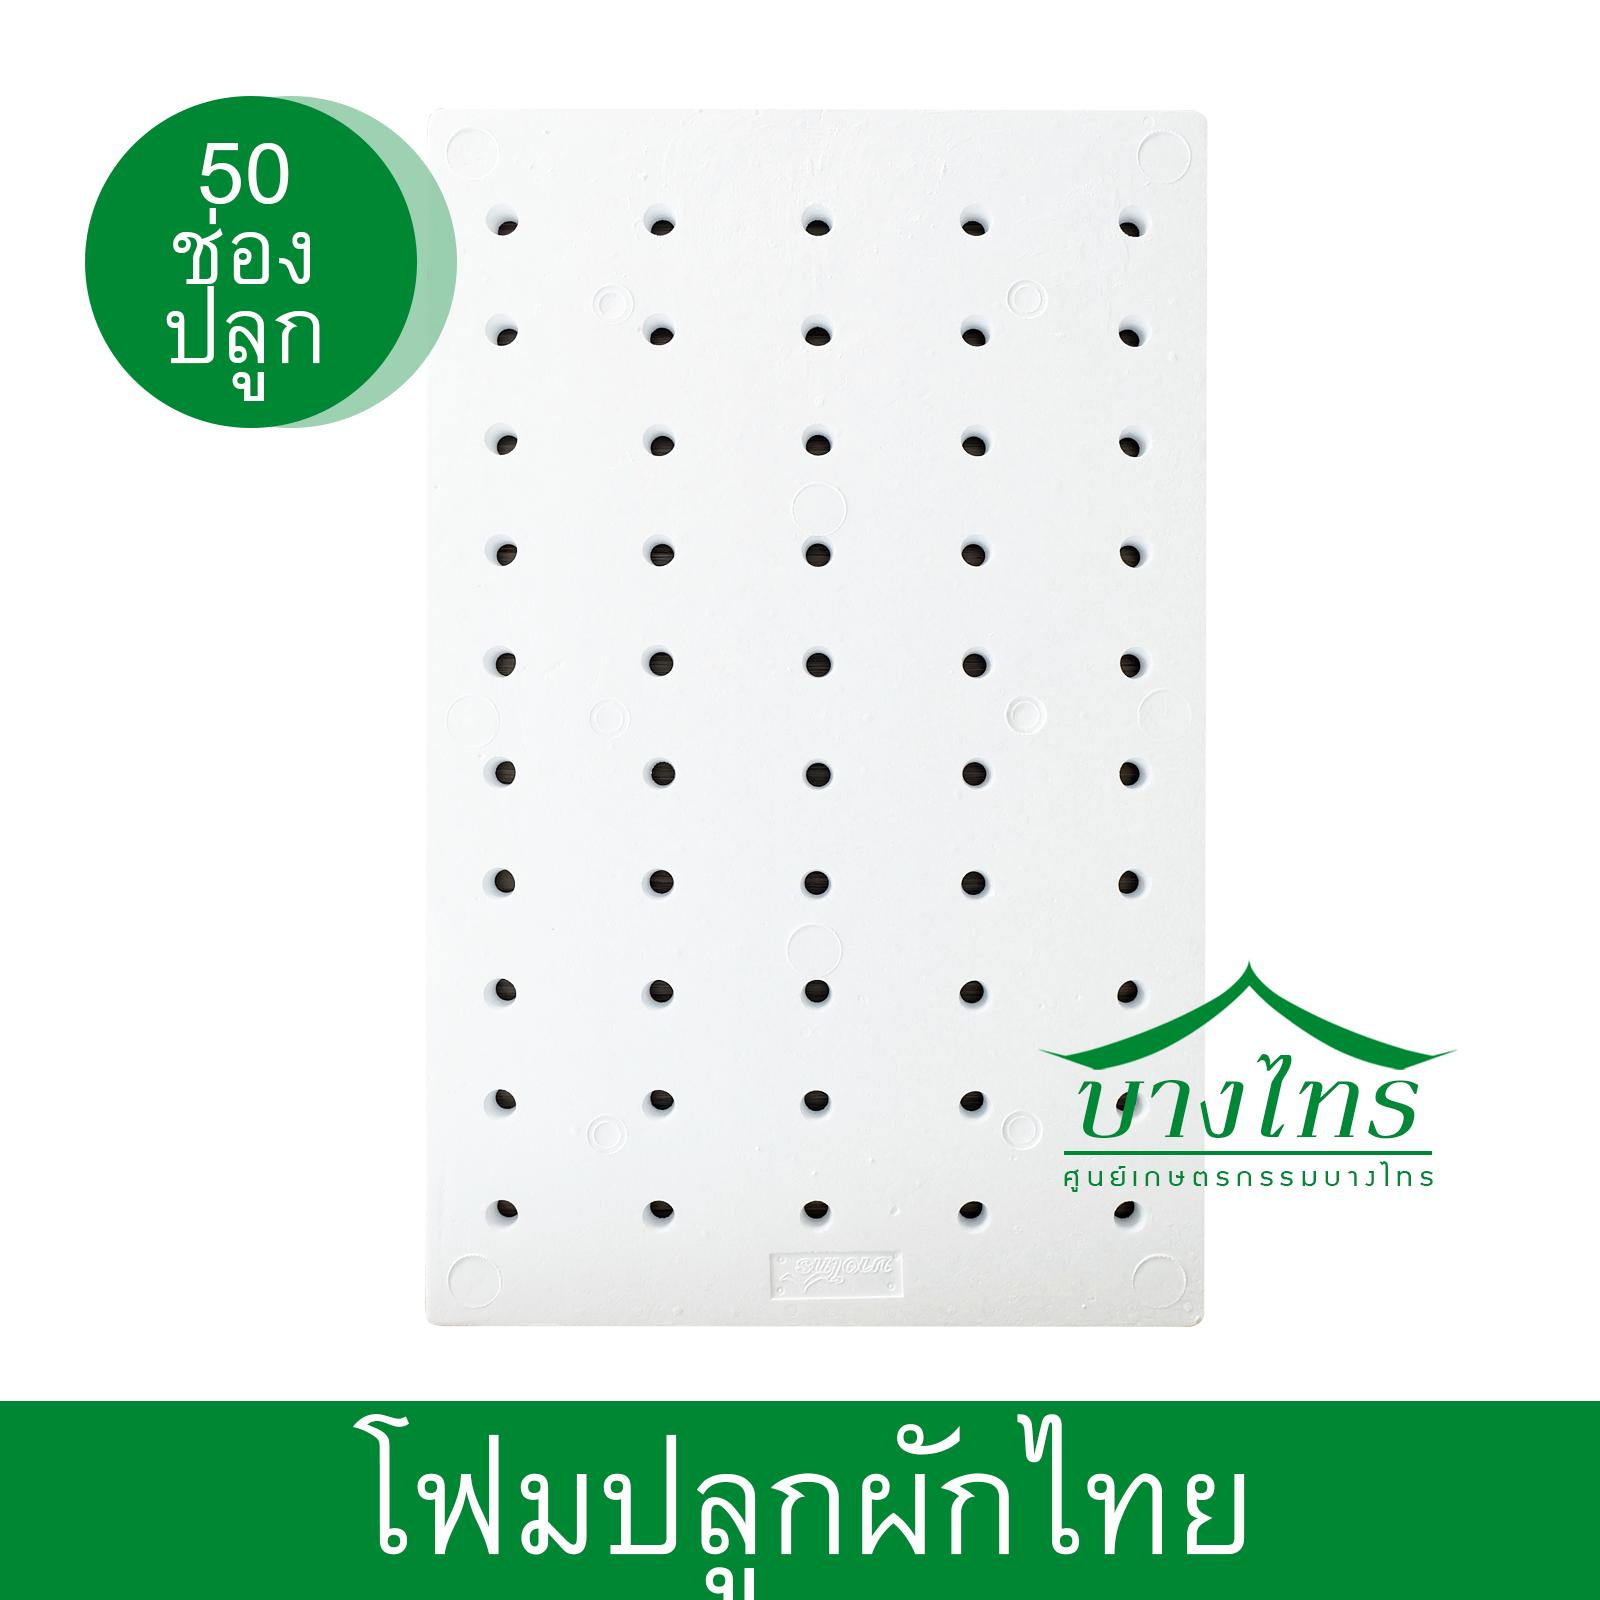 โฟมแผ่นปลูก (ผักไทย) ขนาด 50 ช่องปลูก